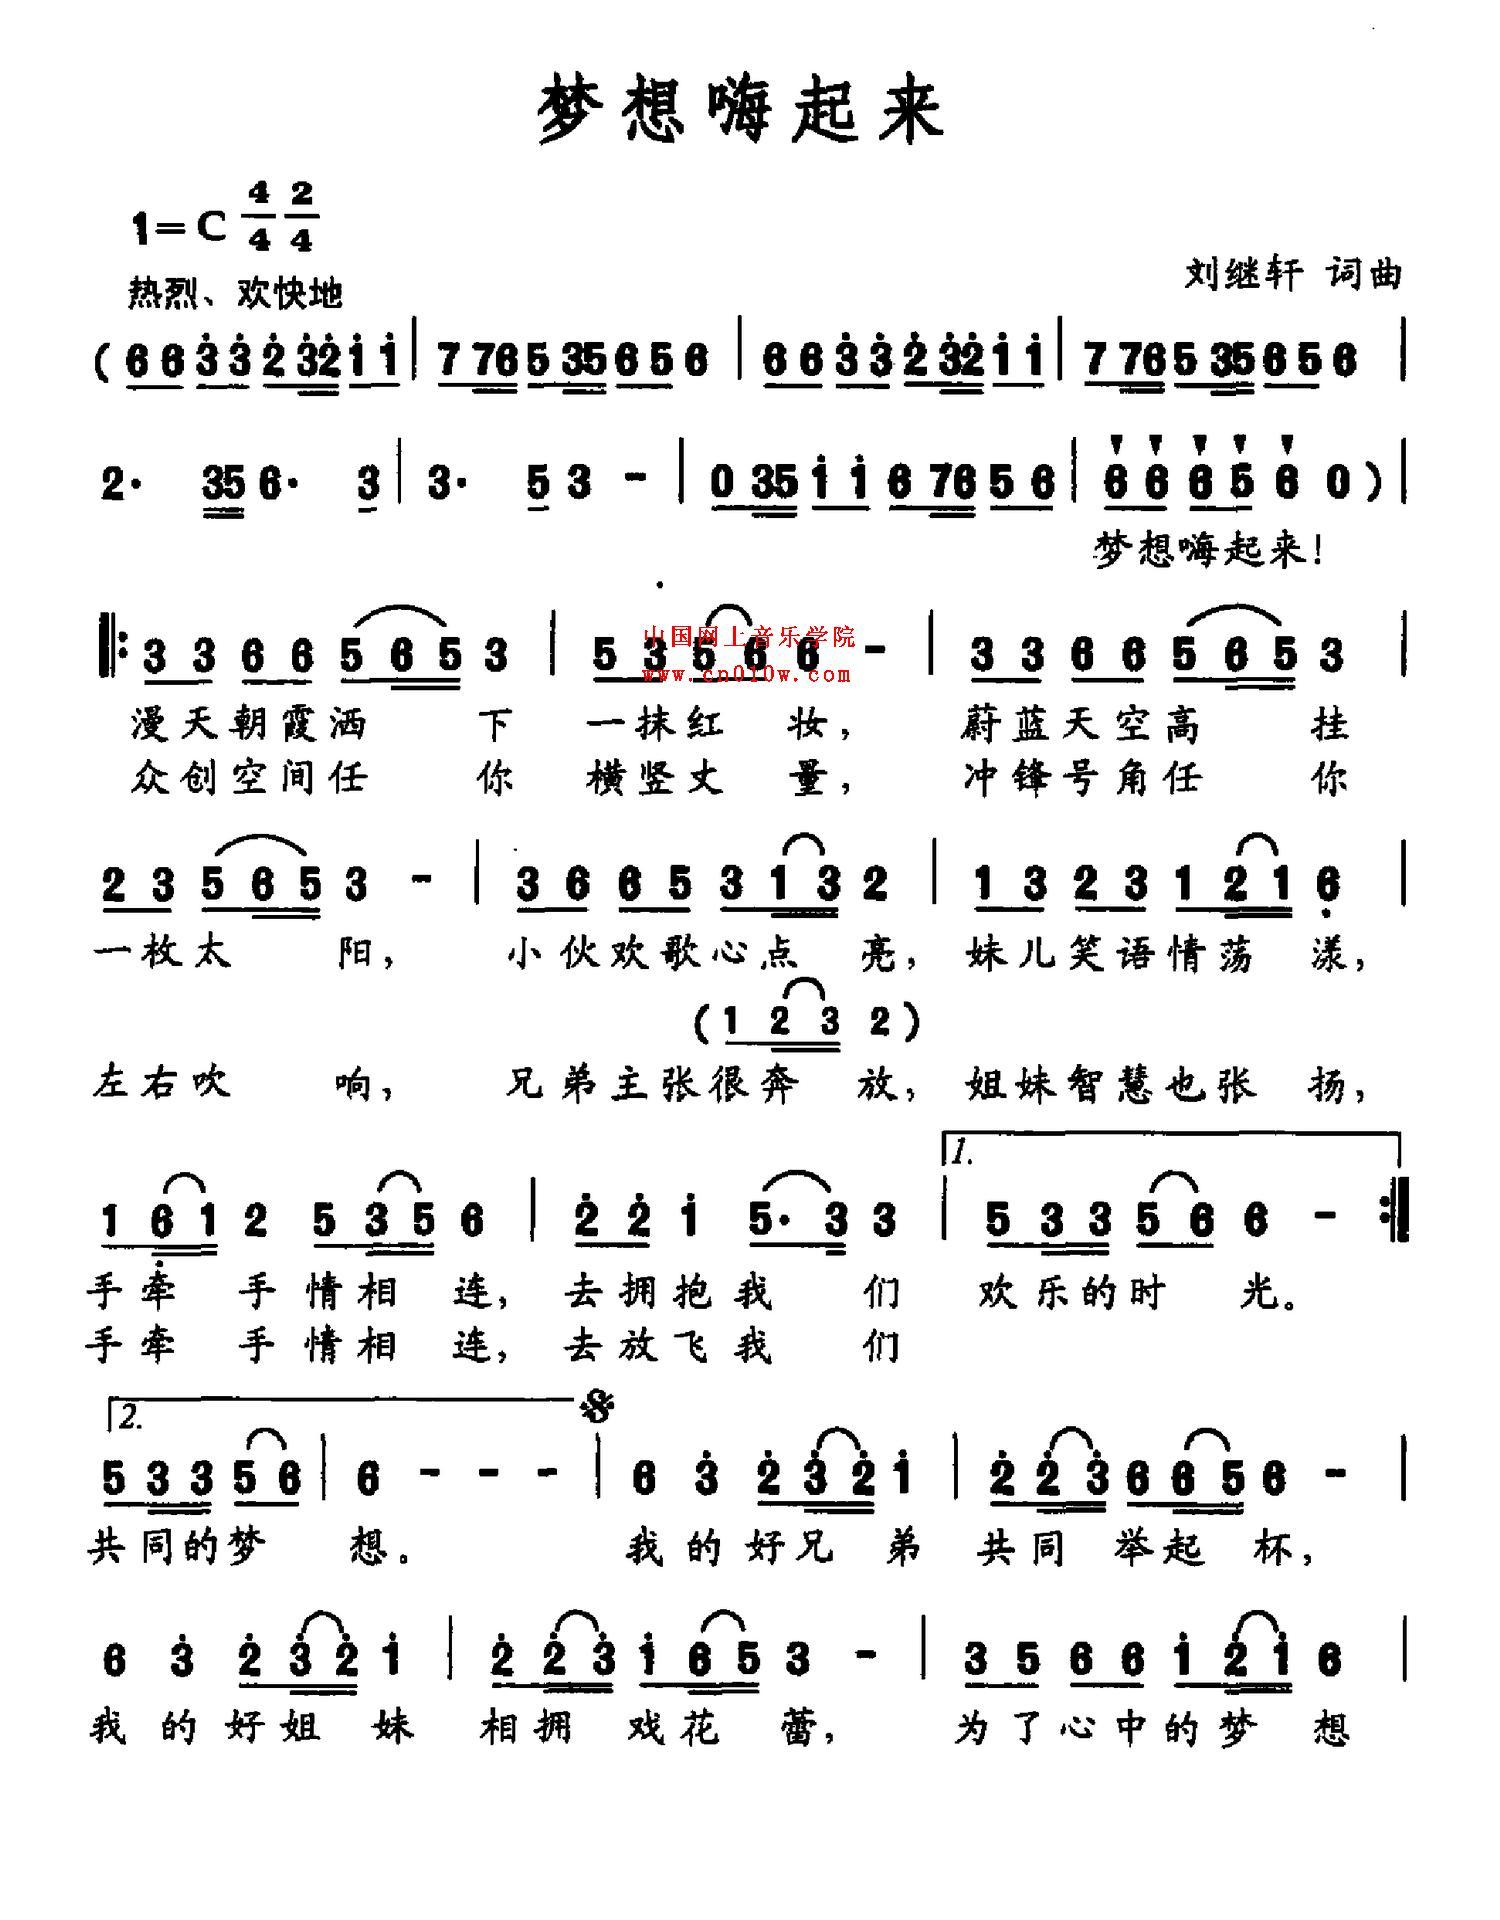 hi 歌的谱子 简谱-民歌曲谱 梦想嗨起来01